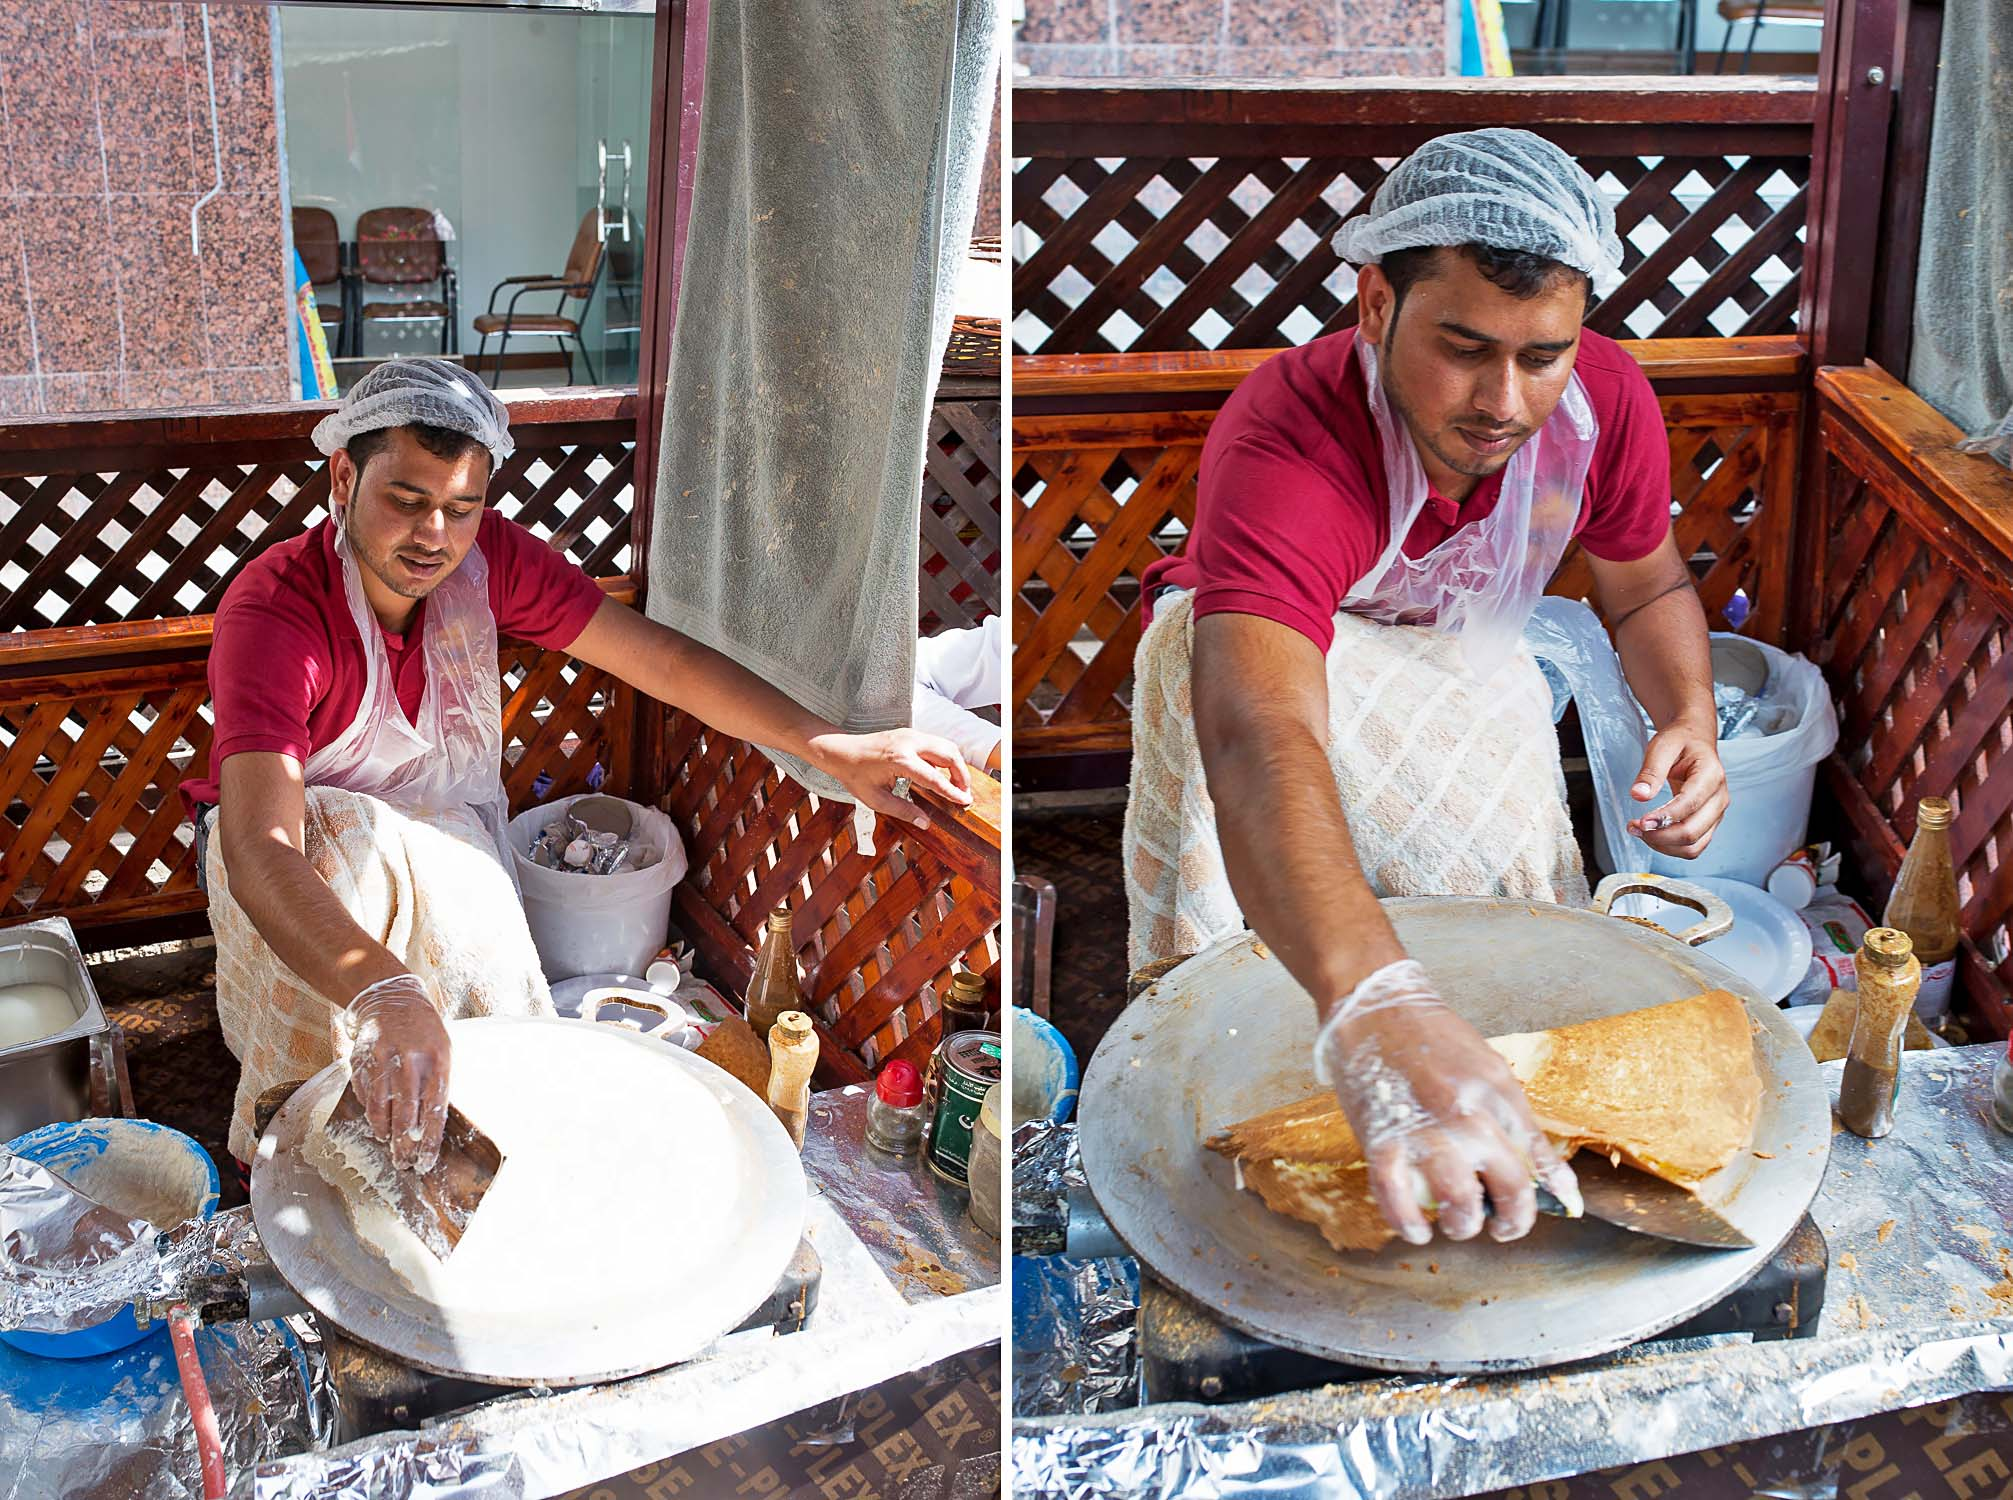 Frying Pan Adventures Food Tour - Dubai-24